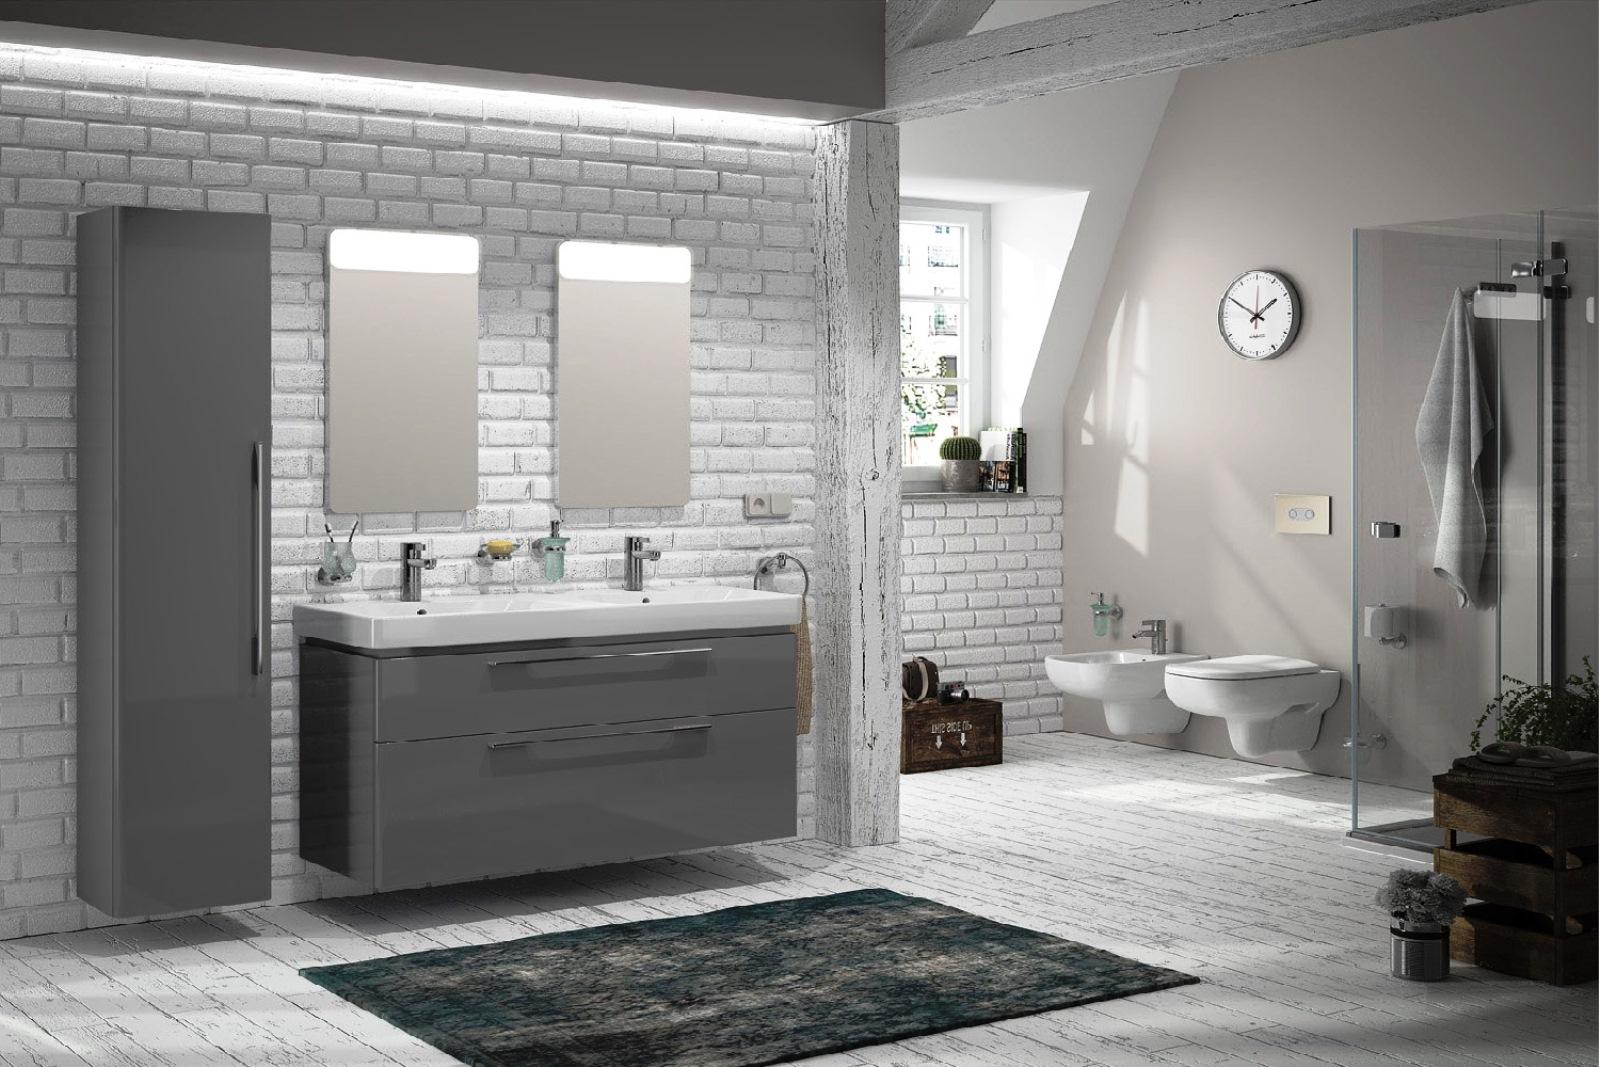 Сейчас расскажем о том, как увеличить пространство в ванной комнате, без потери функциональности и комфорта.